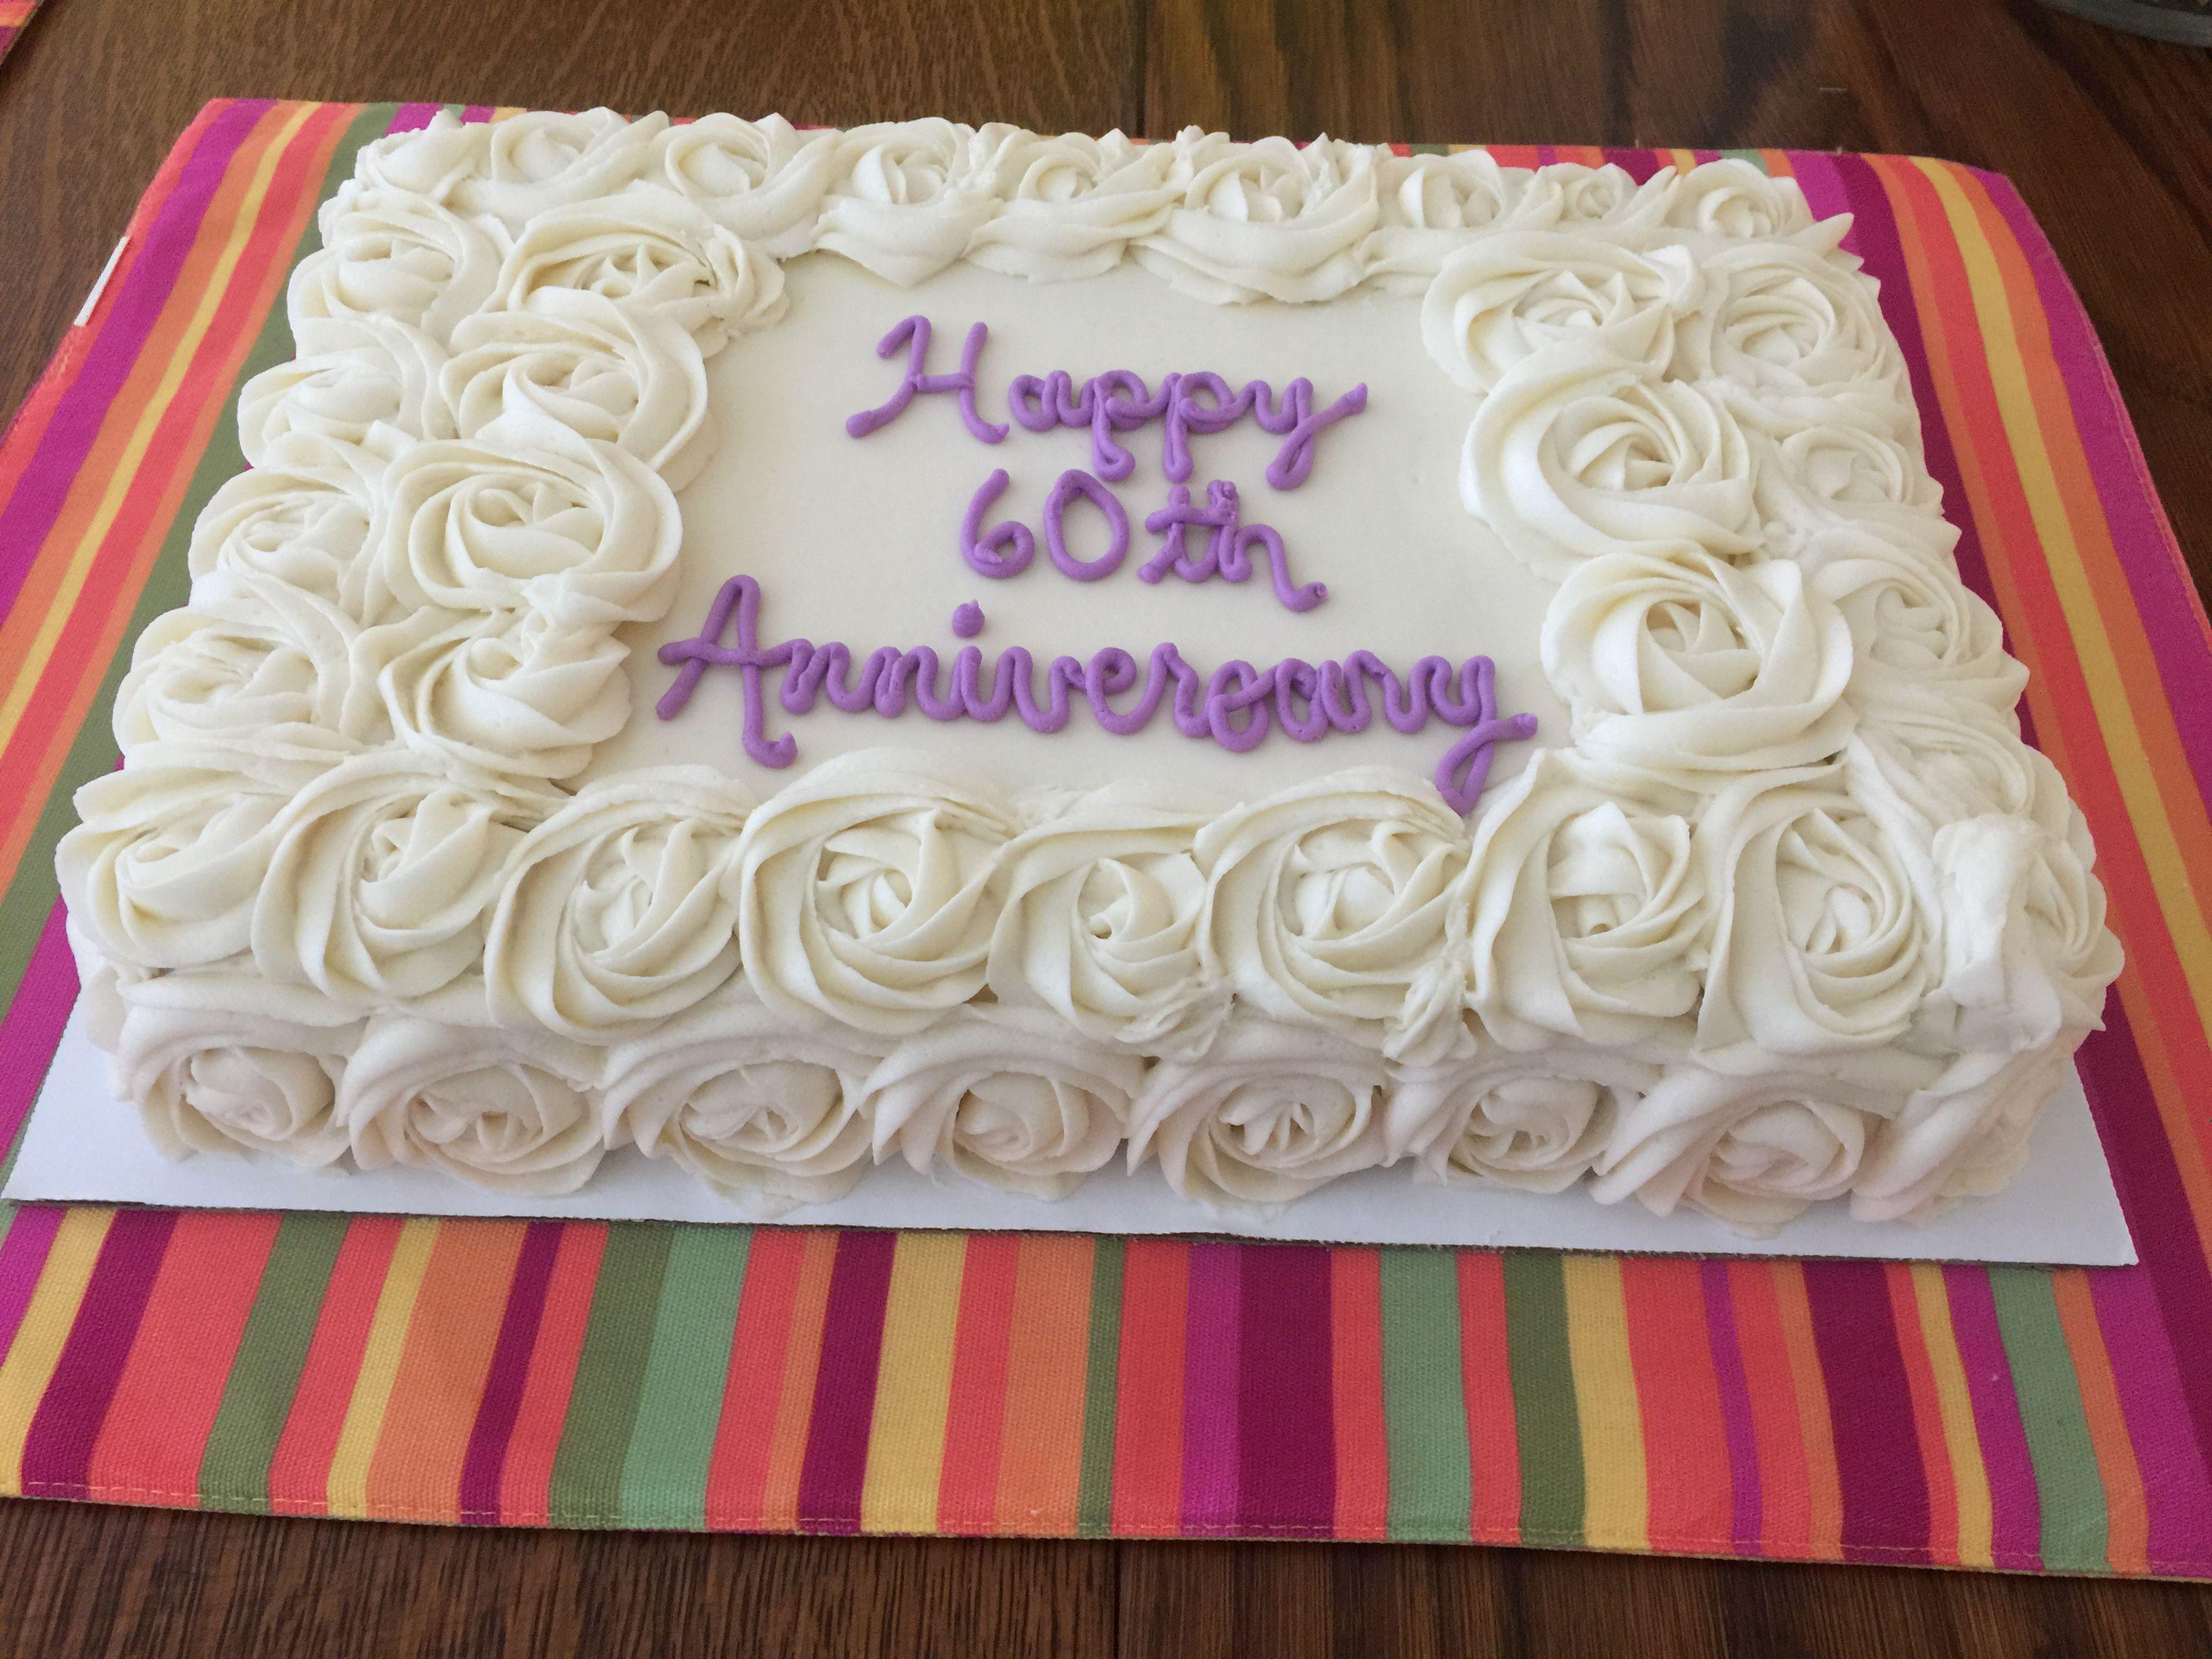 Happy 60th Anniversary 1 4 Sheet White Cake With Cream Cheese